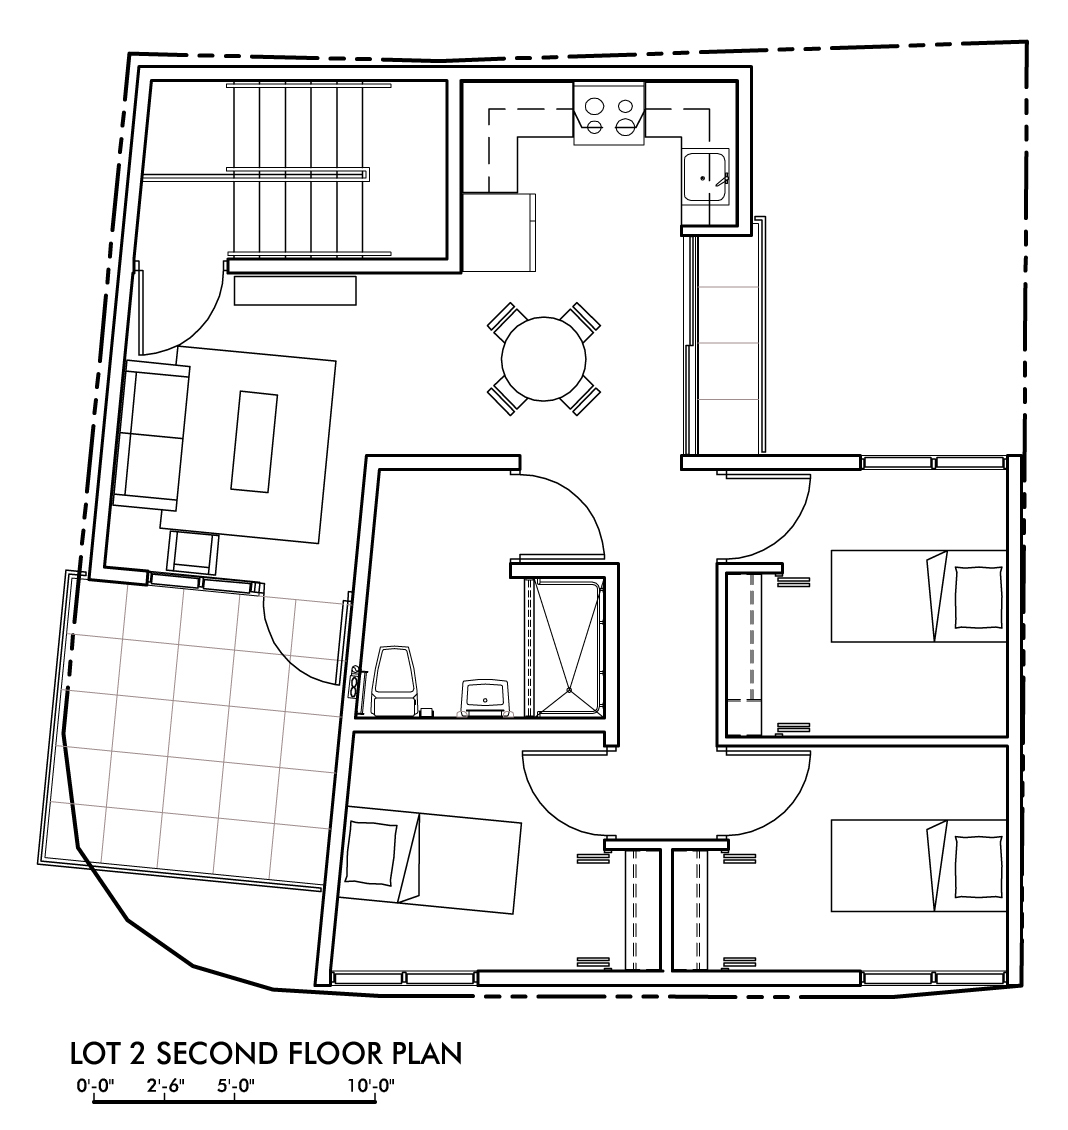 lote 2 second floor plan.jpg